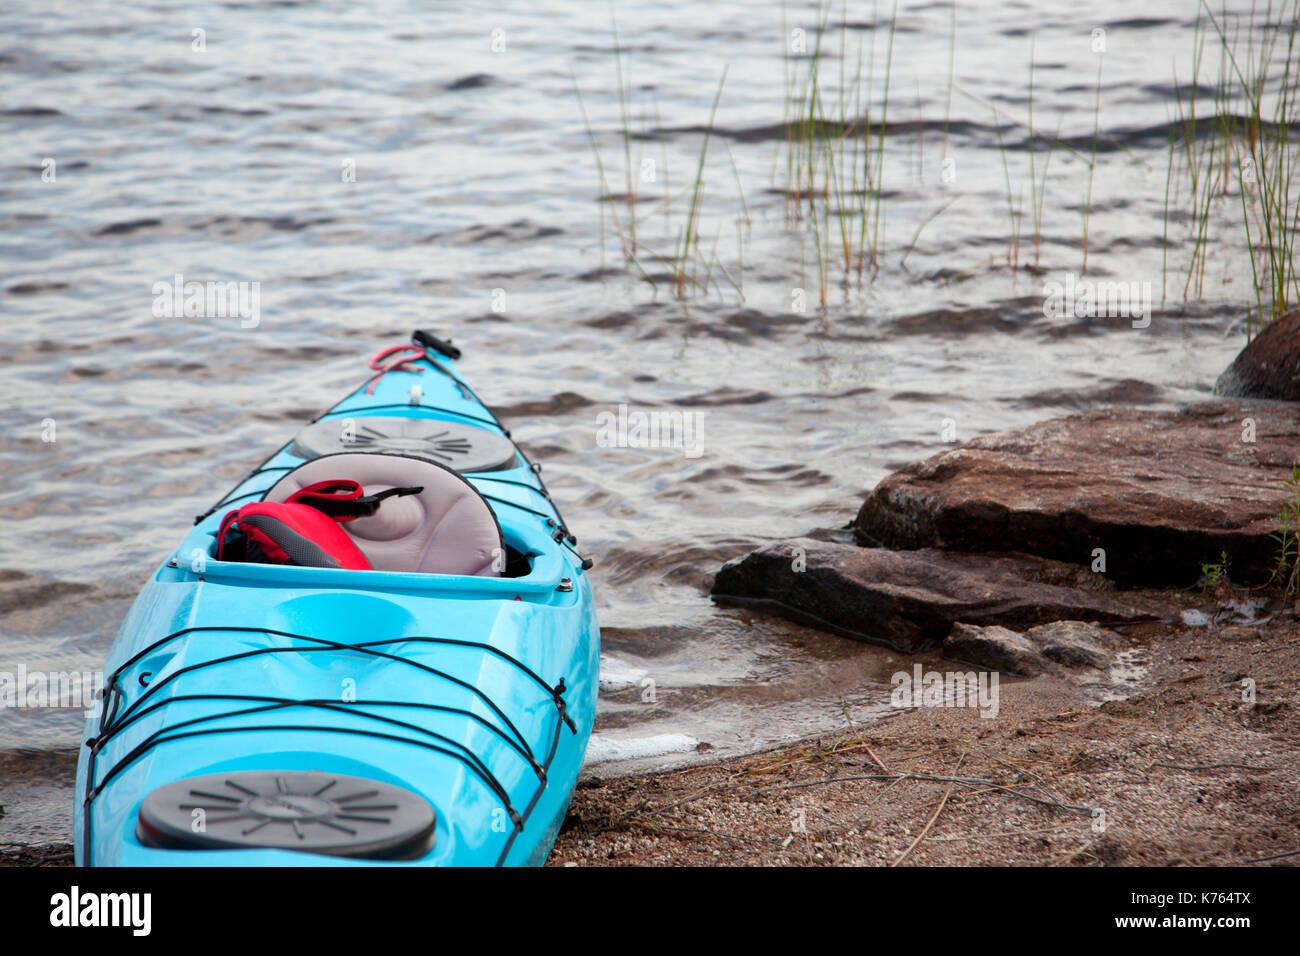 Canoe Kayak Canada Stock Photos Amp Canoe Kayak Canada Stock